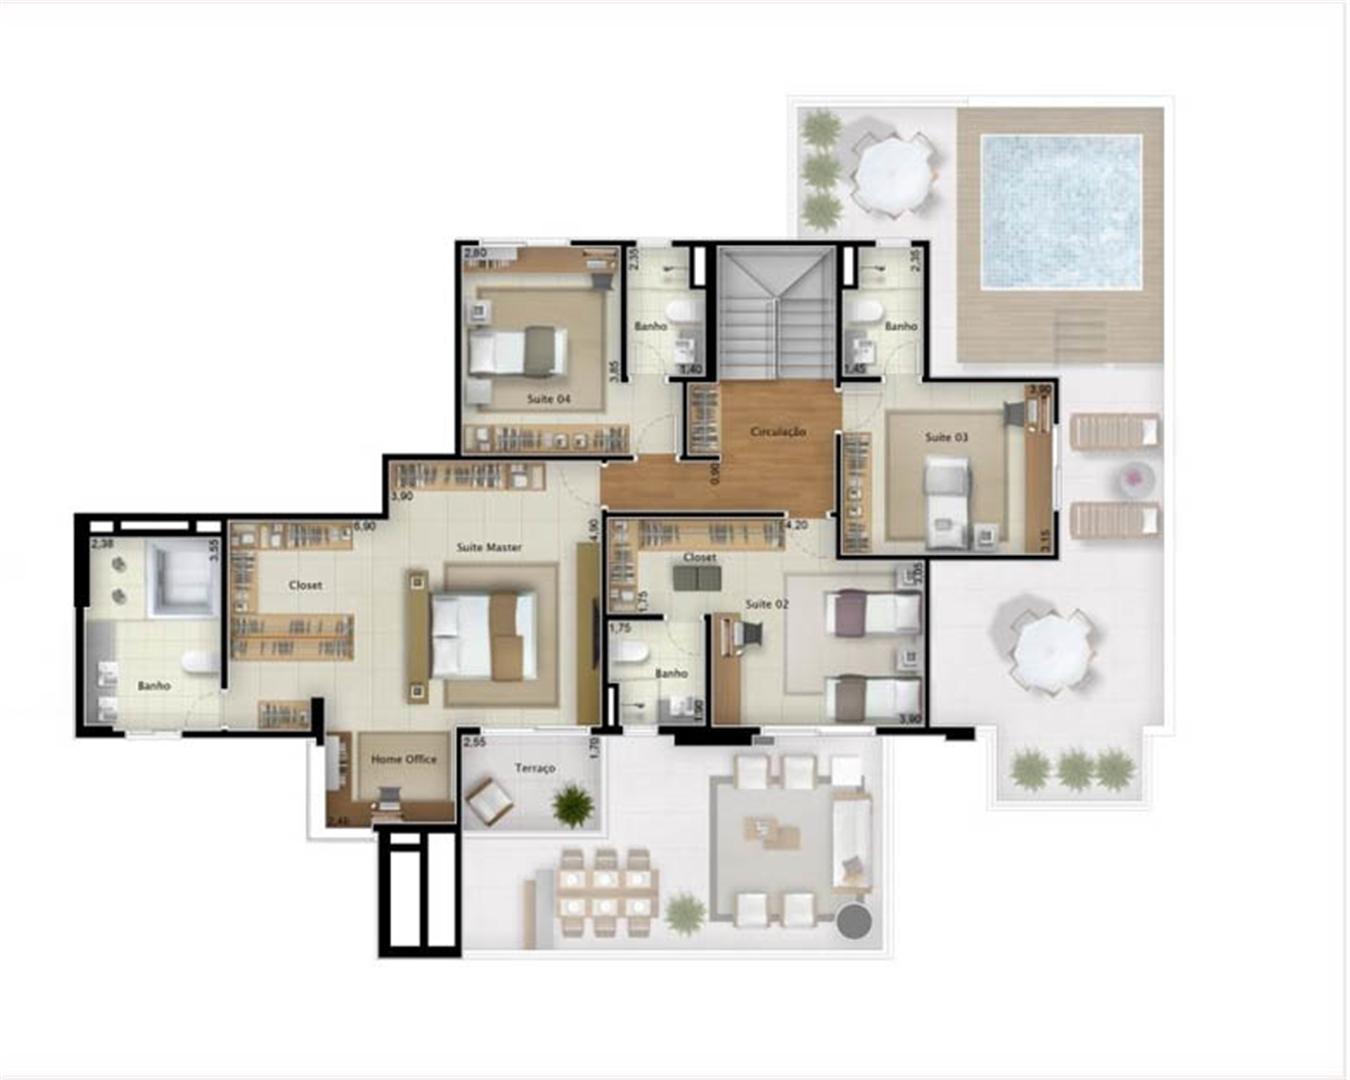 Cobertura Sky View 351 m² (pavimento superior) | Mirage Bay – Apartamento em  Umarizal  - Belém - Pará